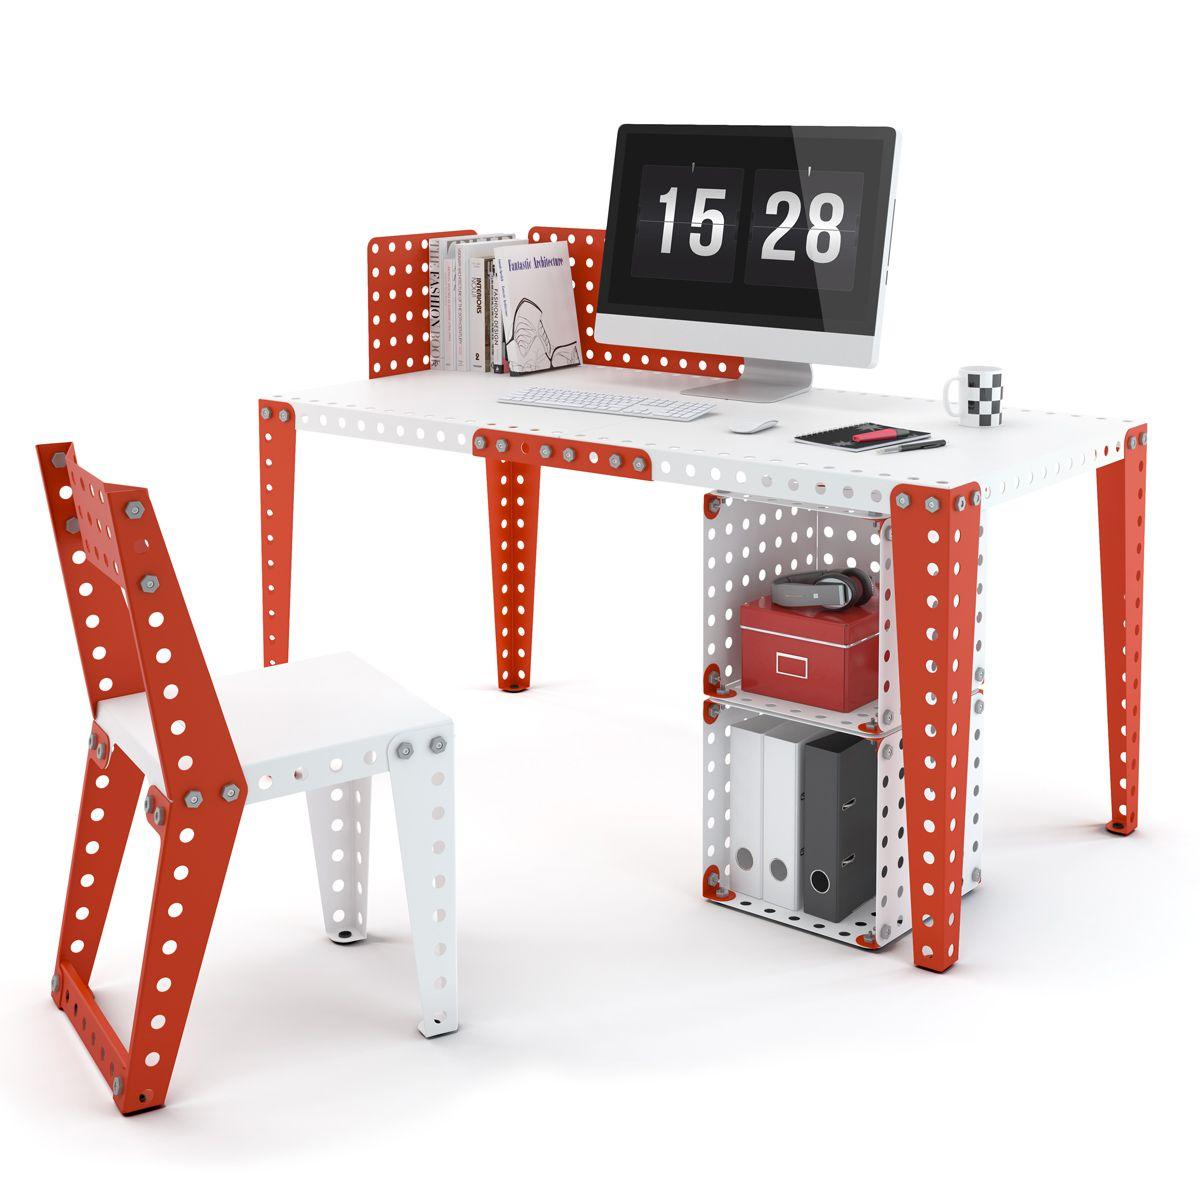 meccano des jouets de construction au mobilier design deco maison design. Black Bedroom Furniture Sets. Home Design Ideas